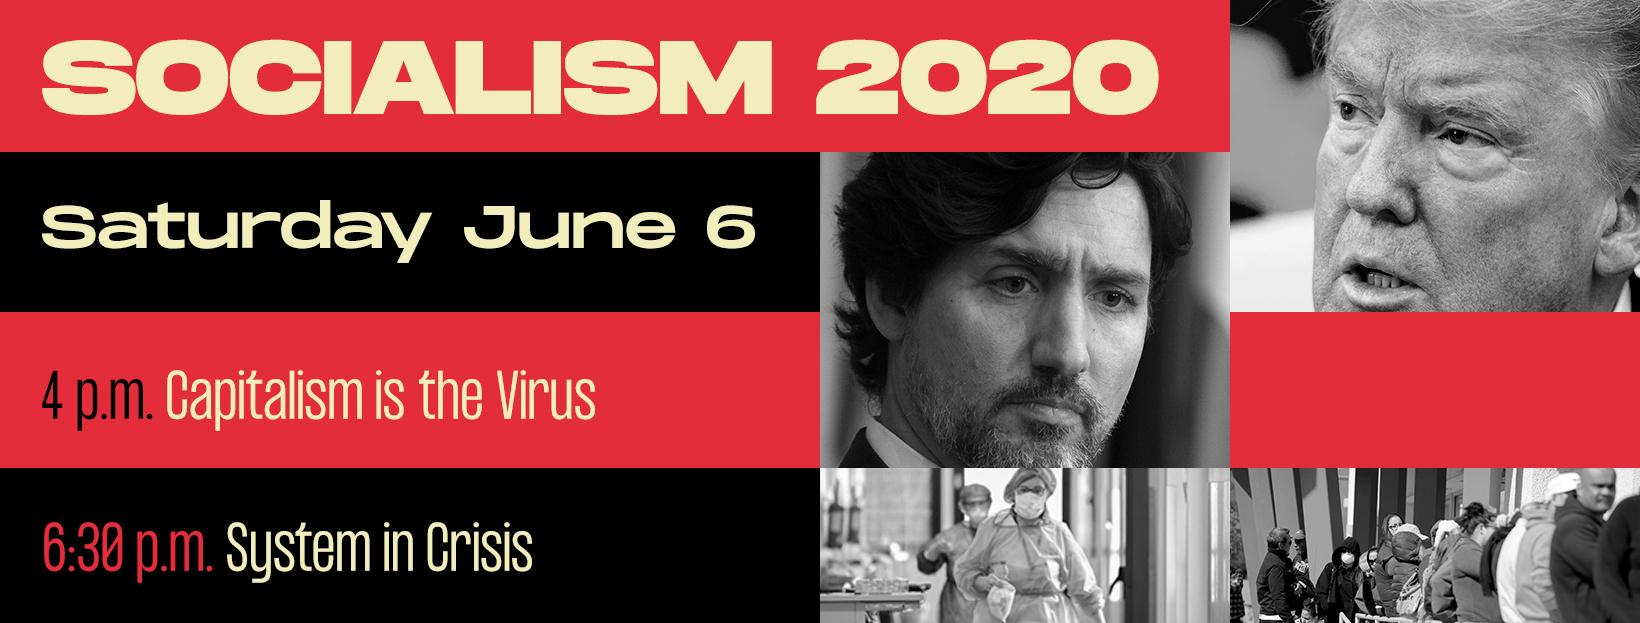 2020-conf-fb_cover